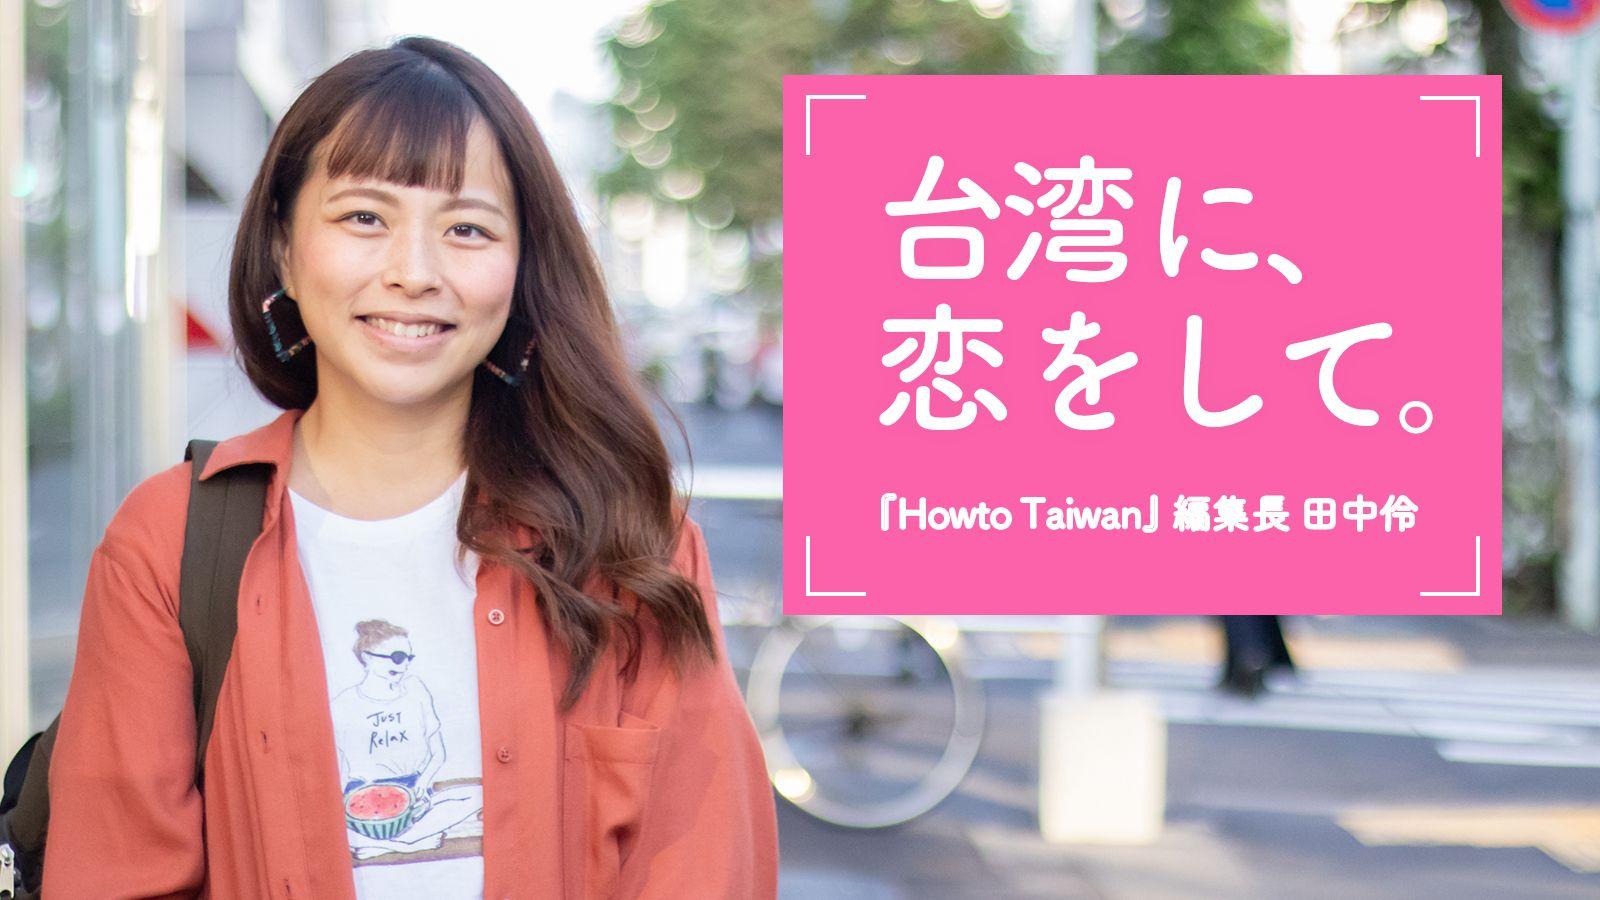 毎日「こんな記事作りたい」が溢れ出る! 台湾好きの心を掴む『Howto Taiwan』運営のウラ側